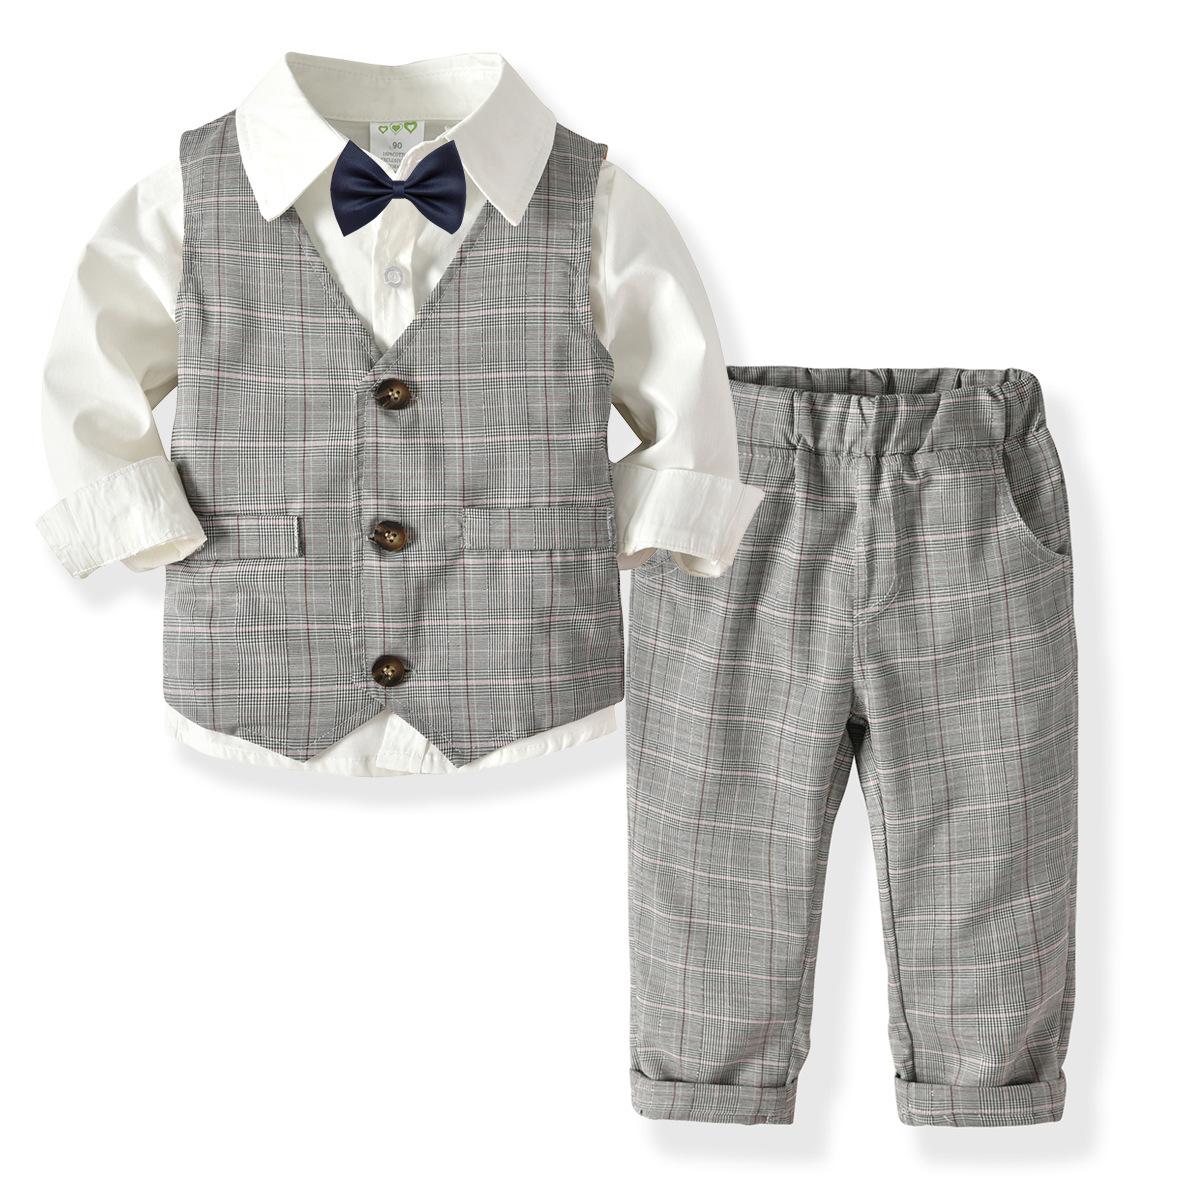 HI&JUBER Đồ Suits Bé trai áo dài tay áo đôi quần tây quý ông thắt nơ phù hợp với trẻ em bé sinh nhật